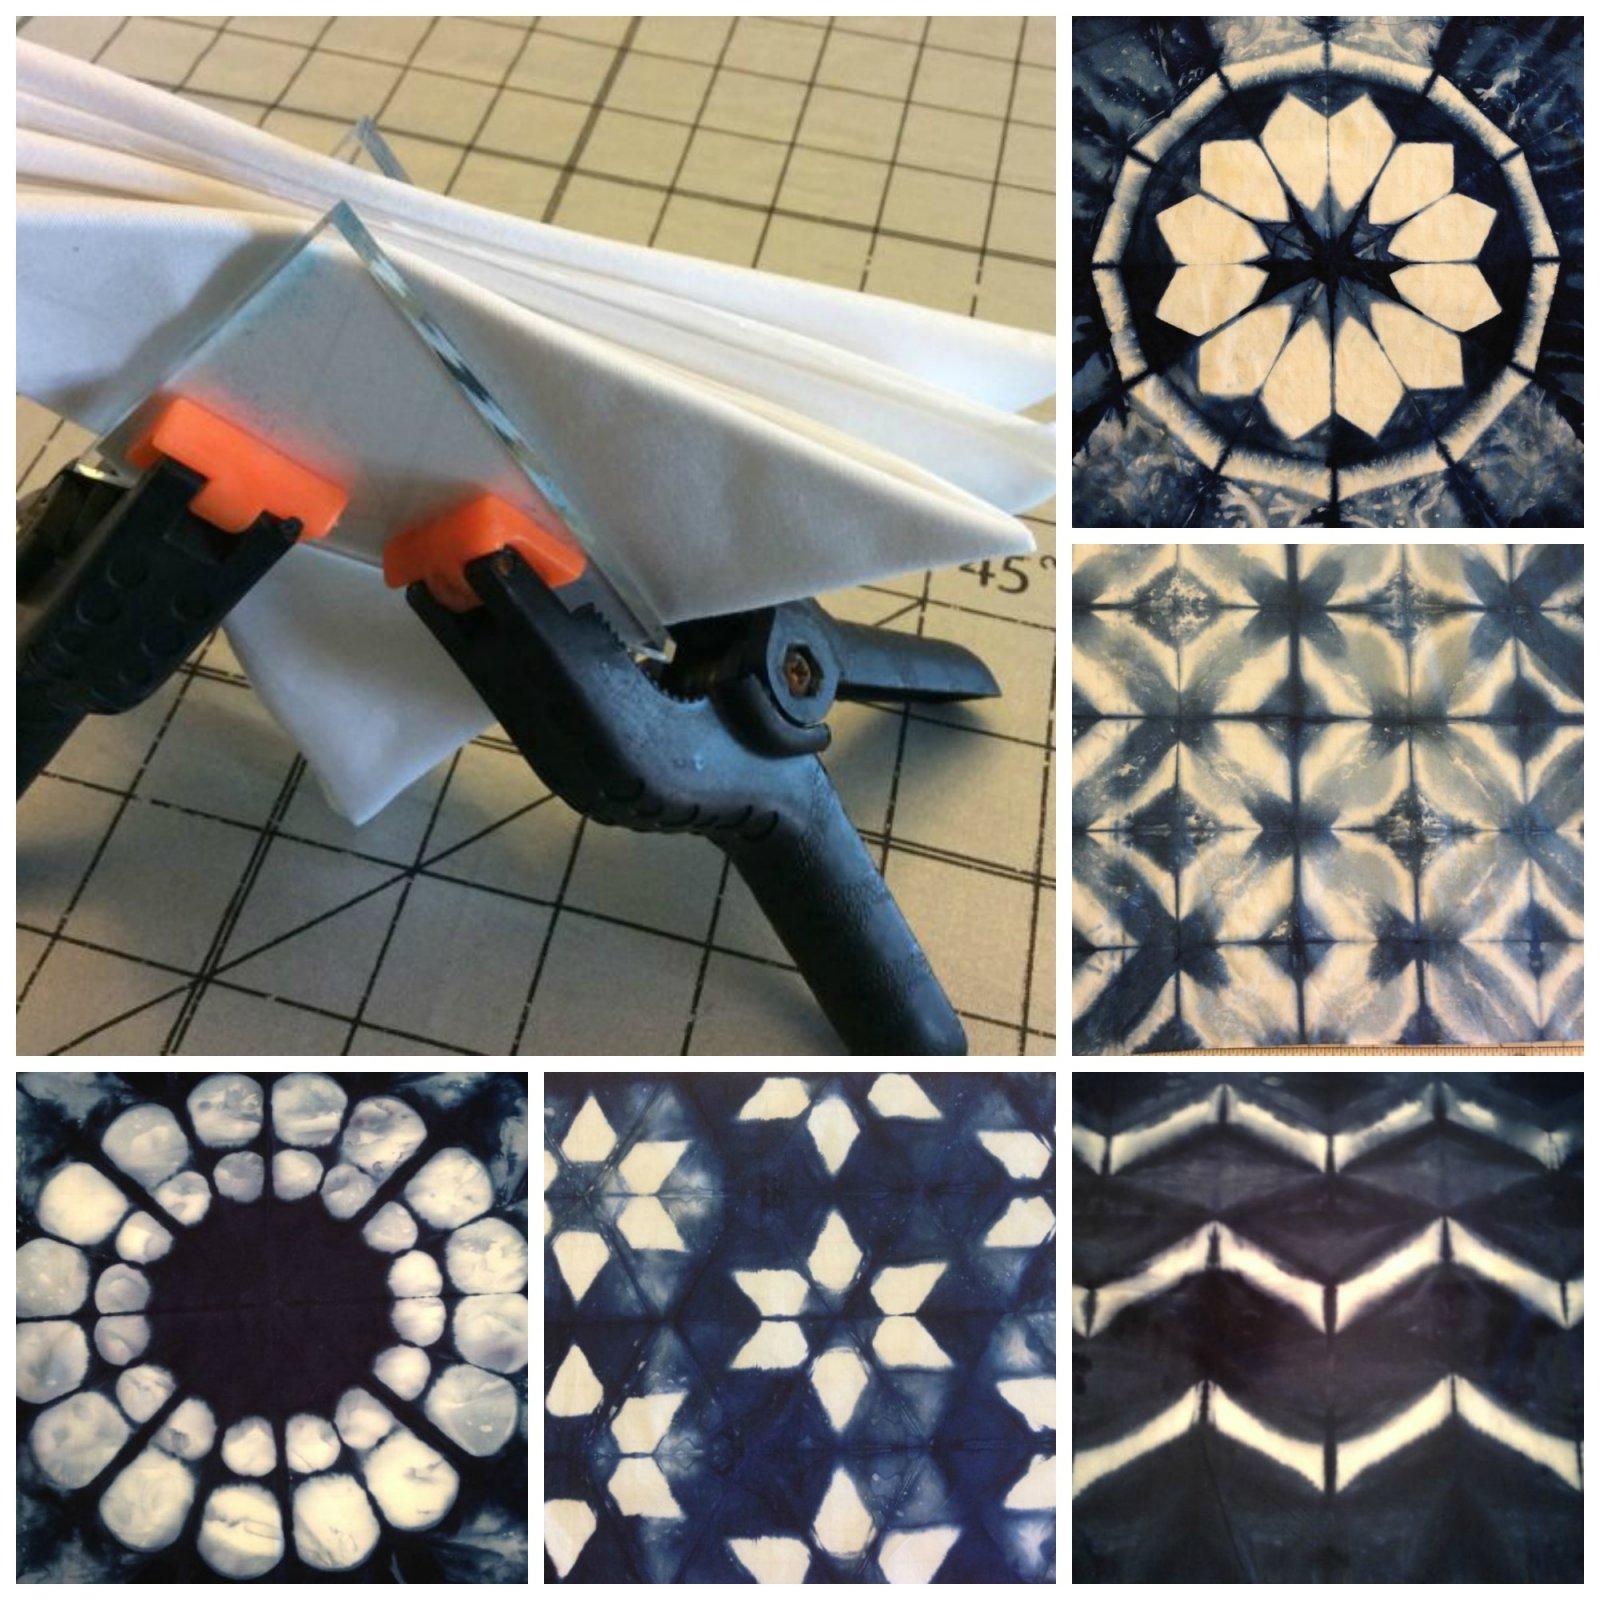 Original Sewing & Quilt Expo - Fredericksburg, VA - Welcome to the ... : original sewing and quilt expo - Adamdwight.com